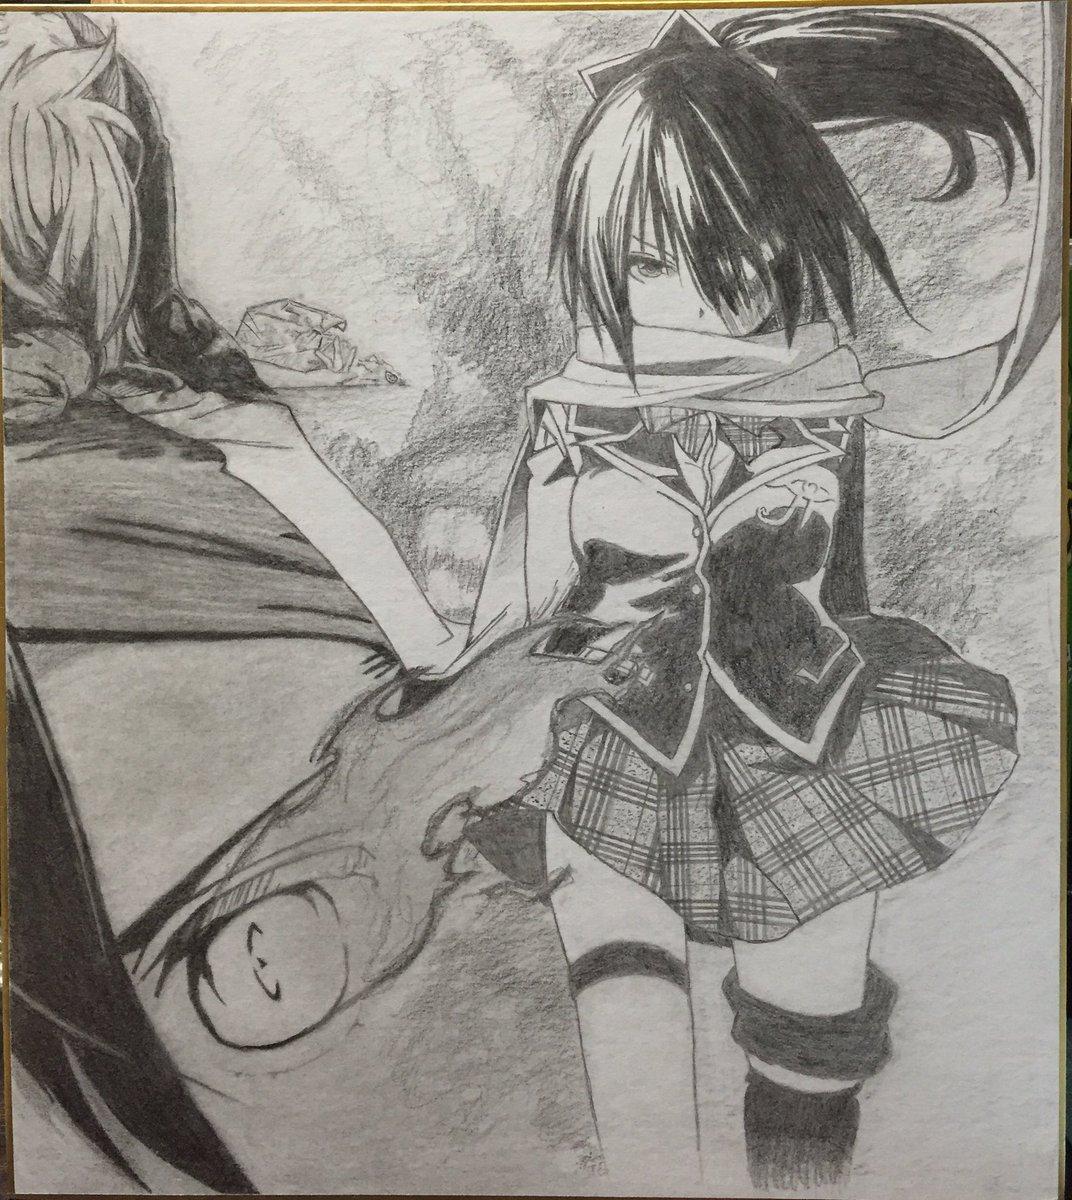 ほんと長かったー4ヶ月かかったー(@_@。毎日描けてたらもー少し早かったかな(^^;ハイ!完成したッス!忍伝2巻から選ん